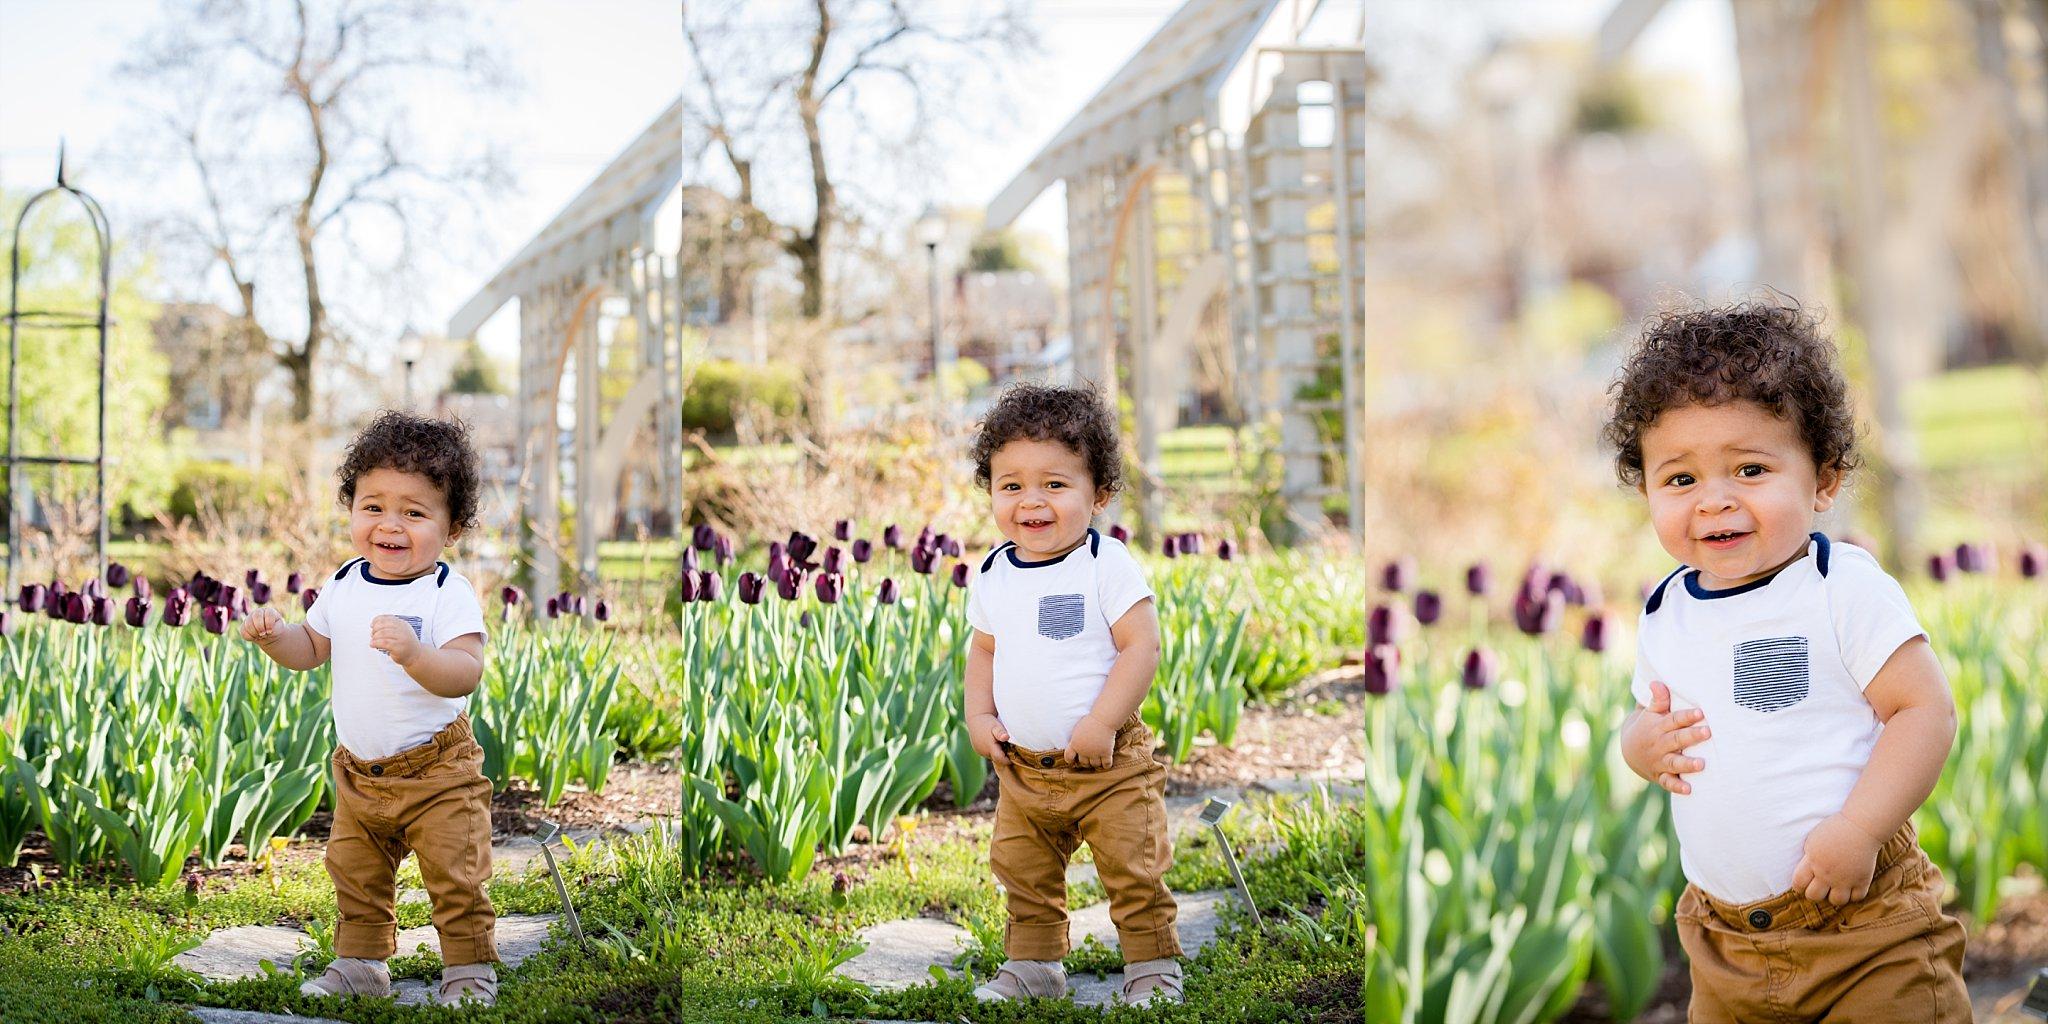 Best Children's Photographer in Gahanna, Ohio